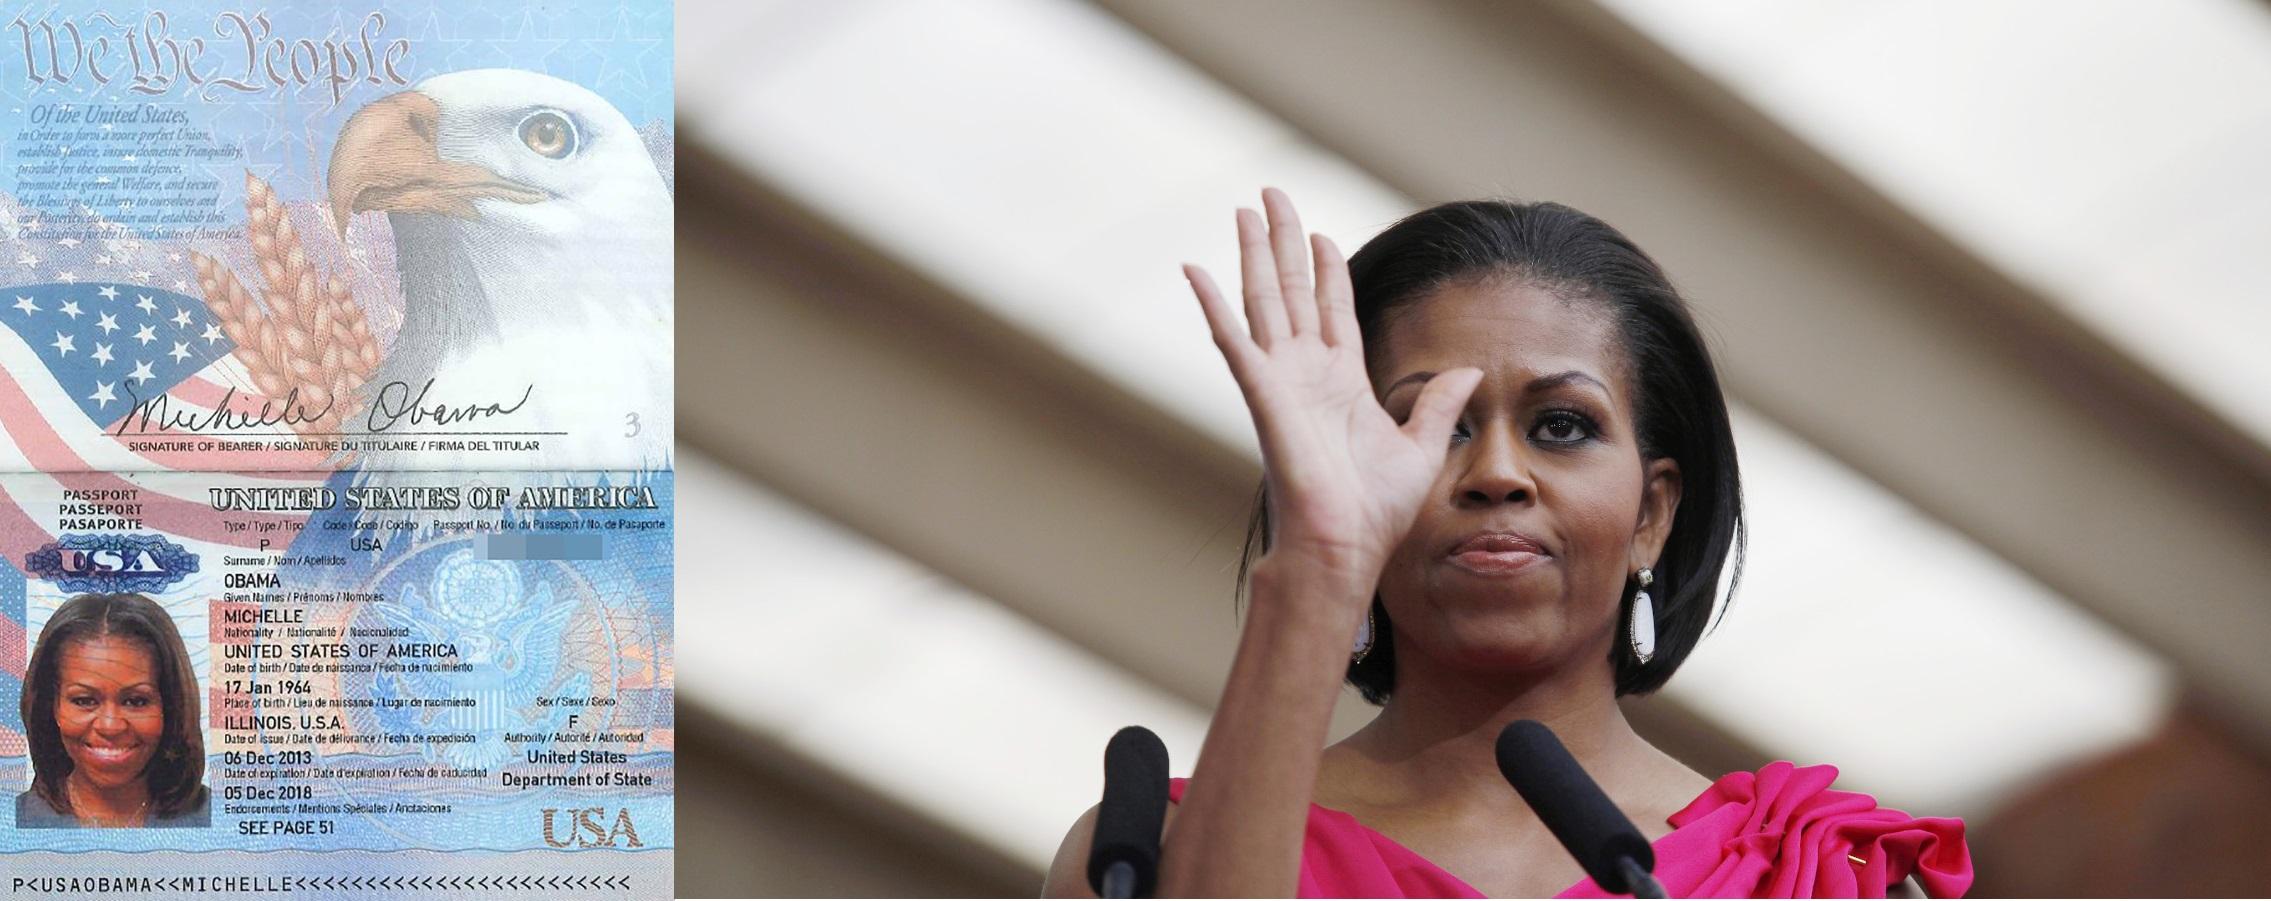 Da Yahoo! a Michelle Obama: l'America è sotto attacco hacker